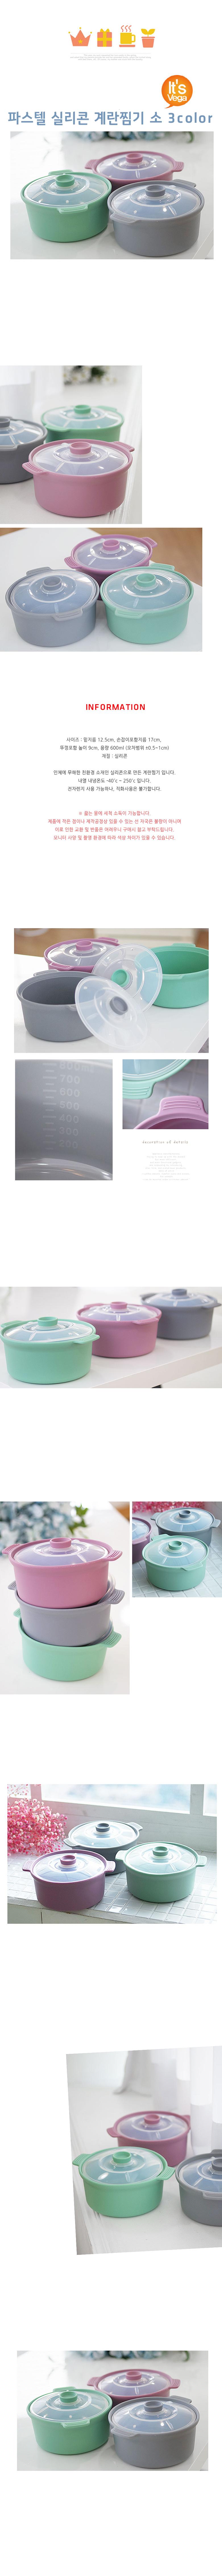 파스텔 실리콘 계란찜기 소 3color - 베가, 20,000원, 압력솥/찜기, 찜기